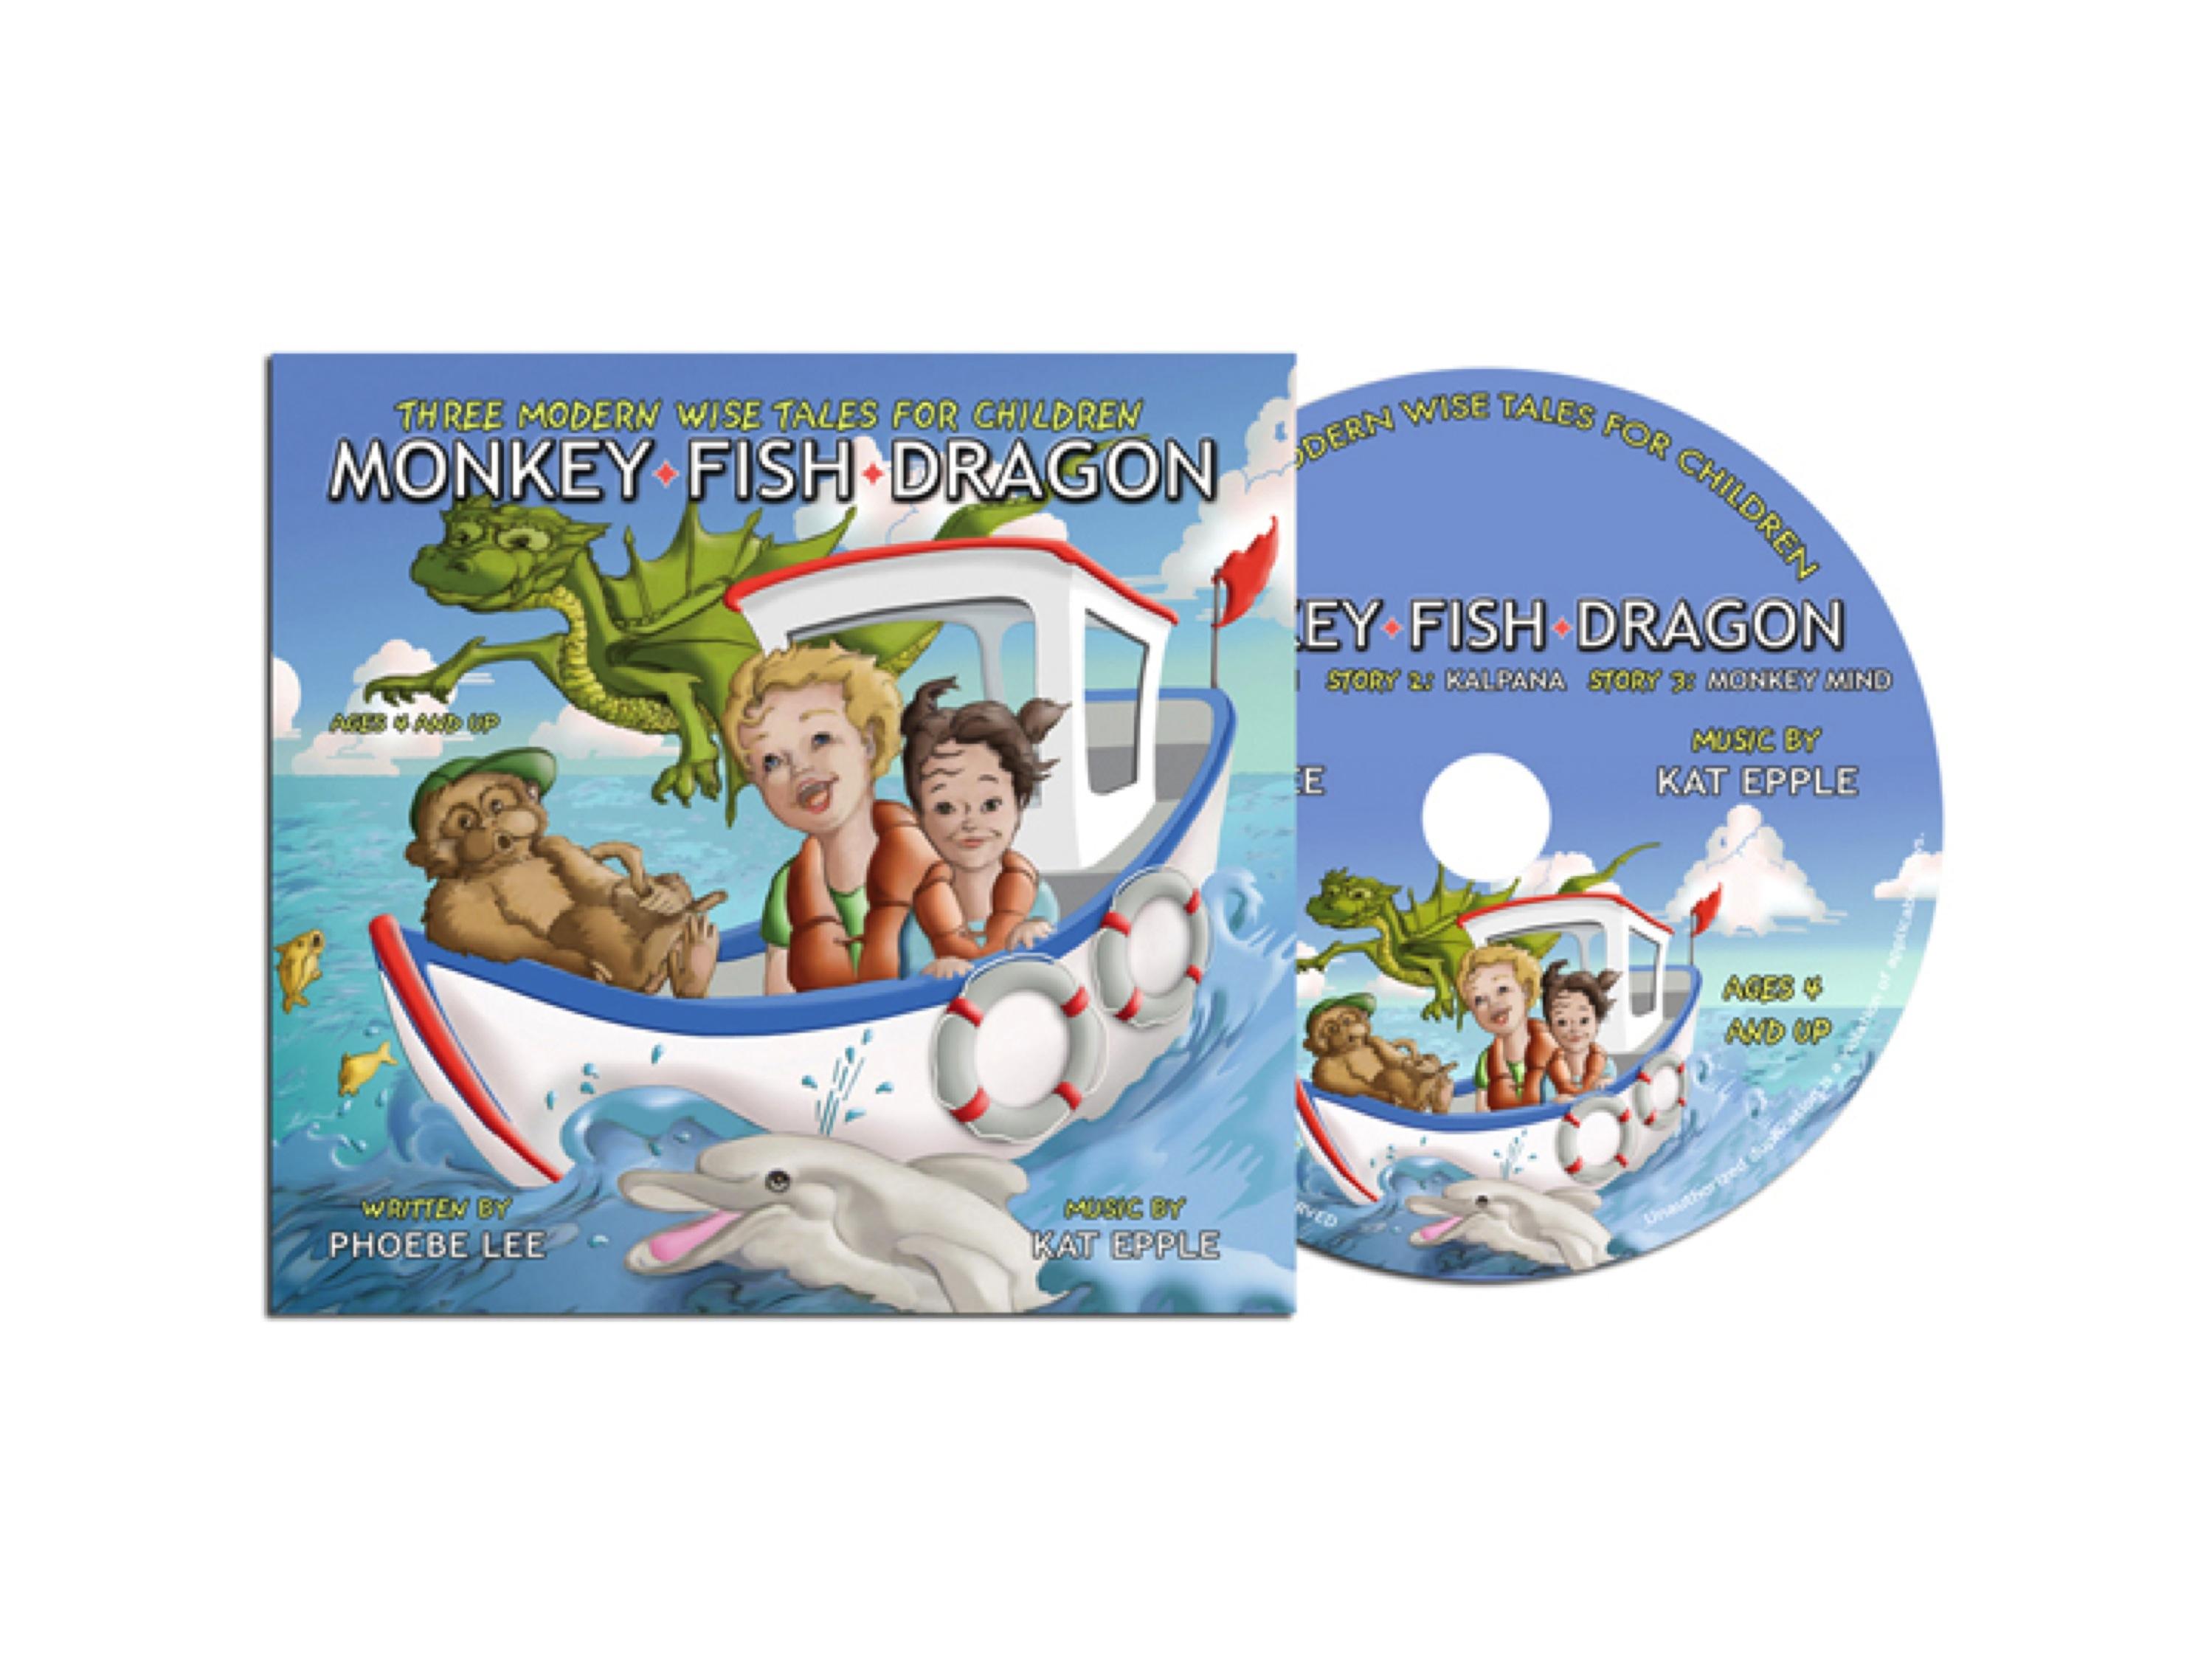 MONKEY FISH DRAGON STORIES